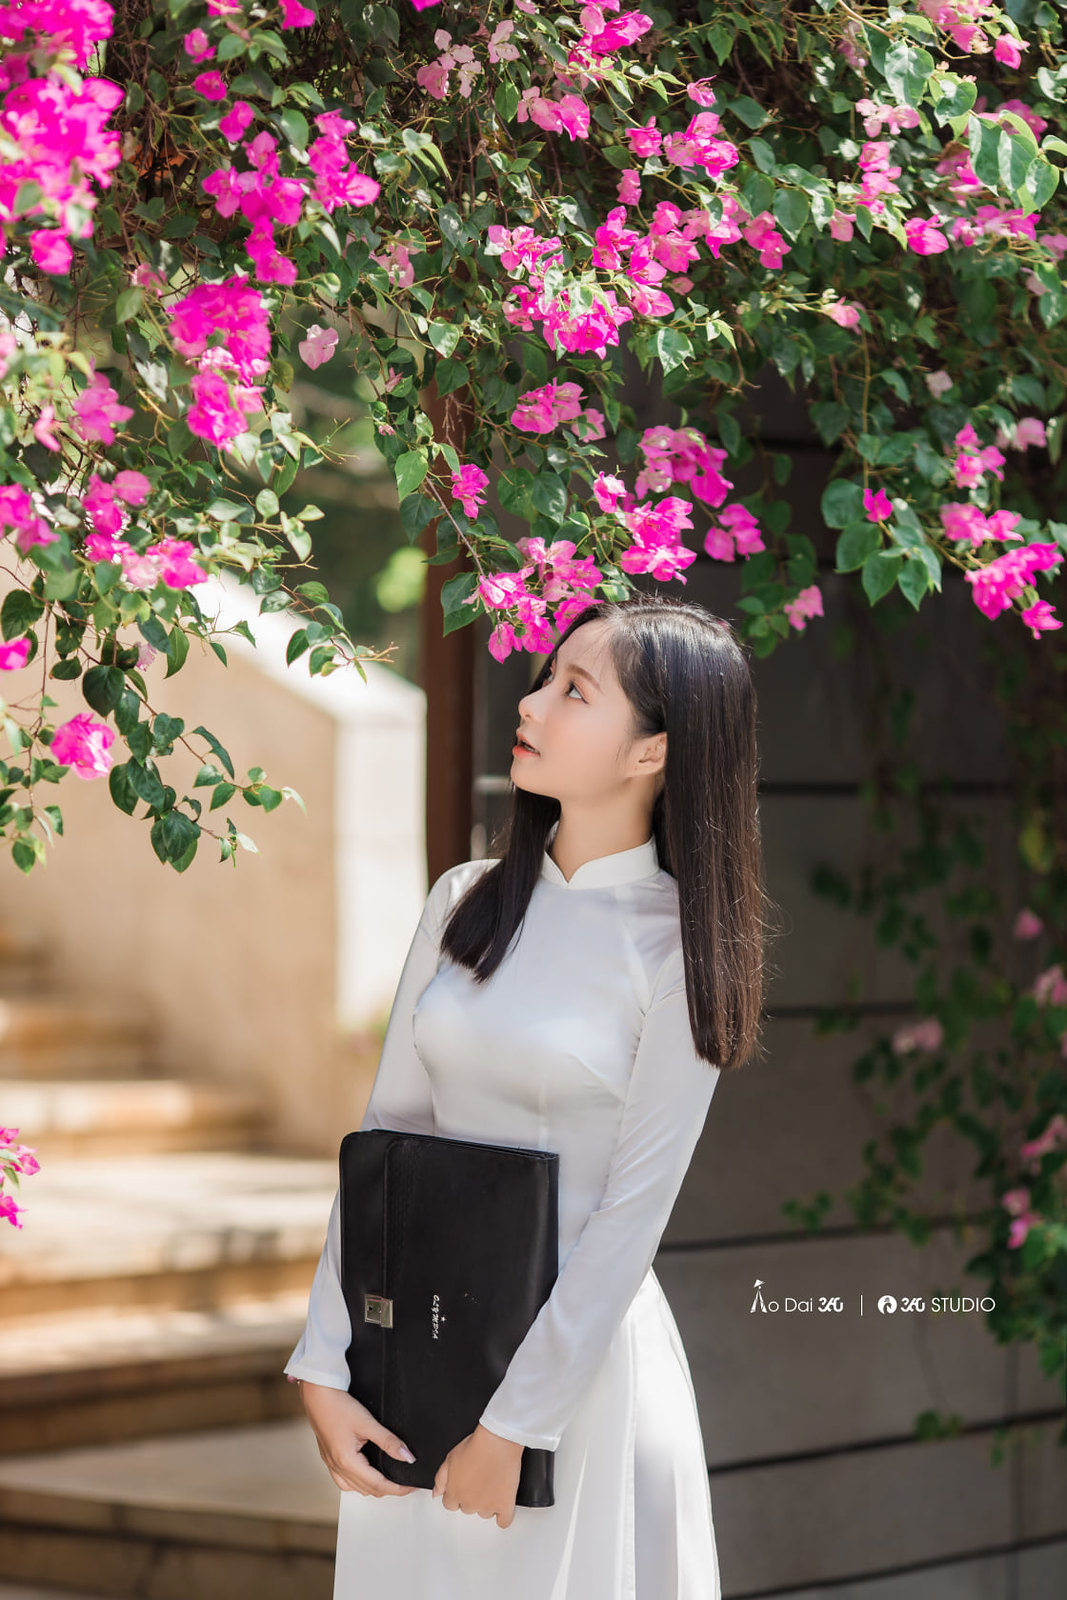 Tuyển tập girl xinh gái đẹp Việt Nam mặc áo dài đẹp mê hồn #57 - 24